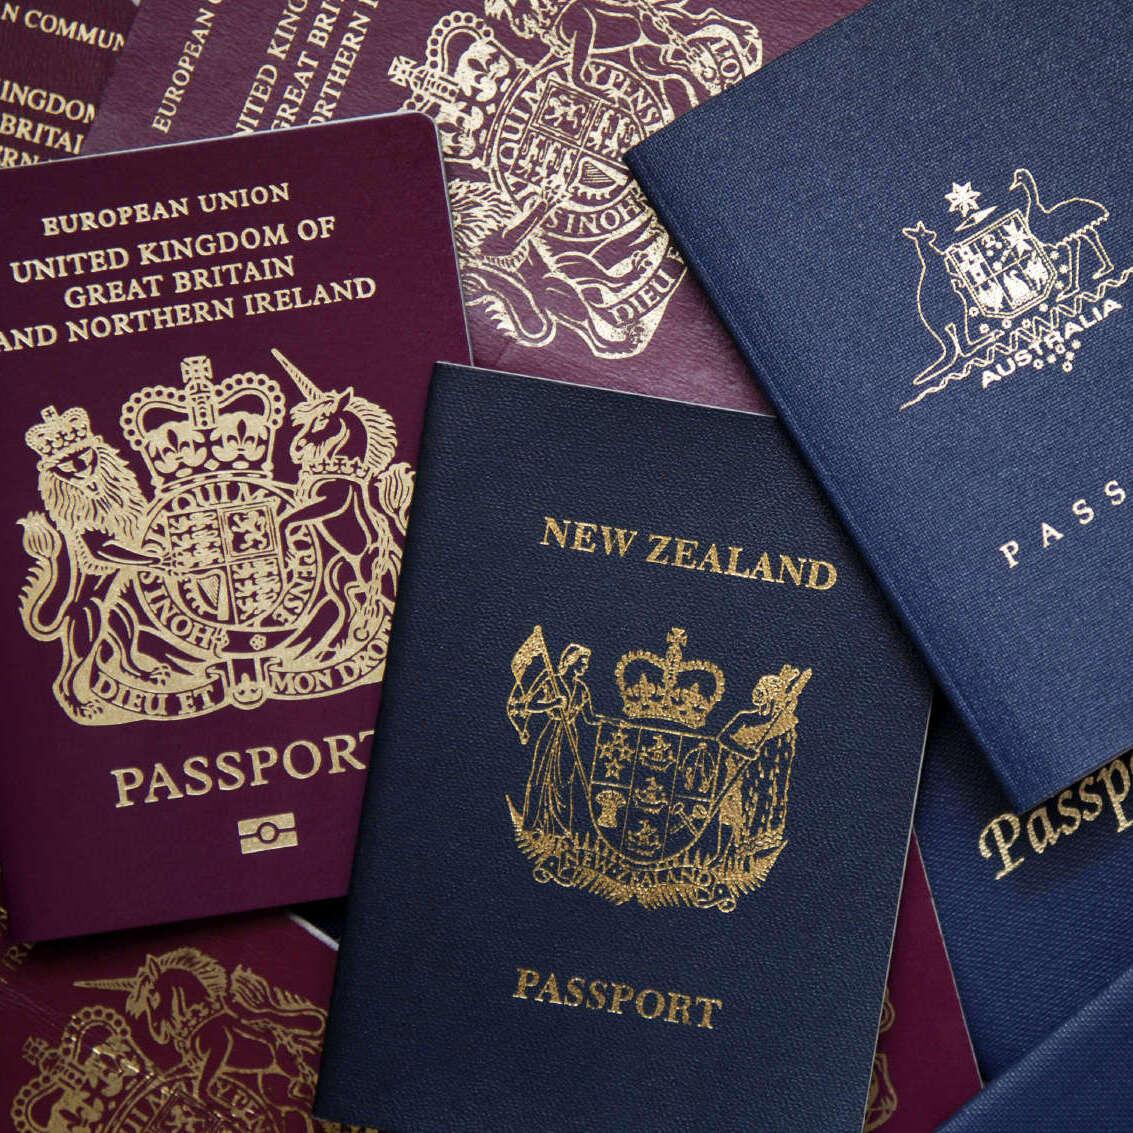 Çifte vatandaşlık vatan hainliği midir?